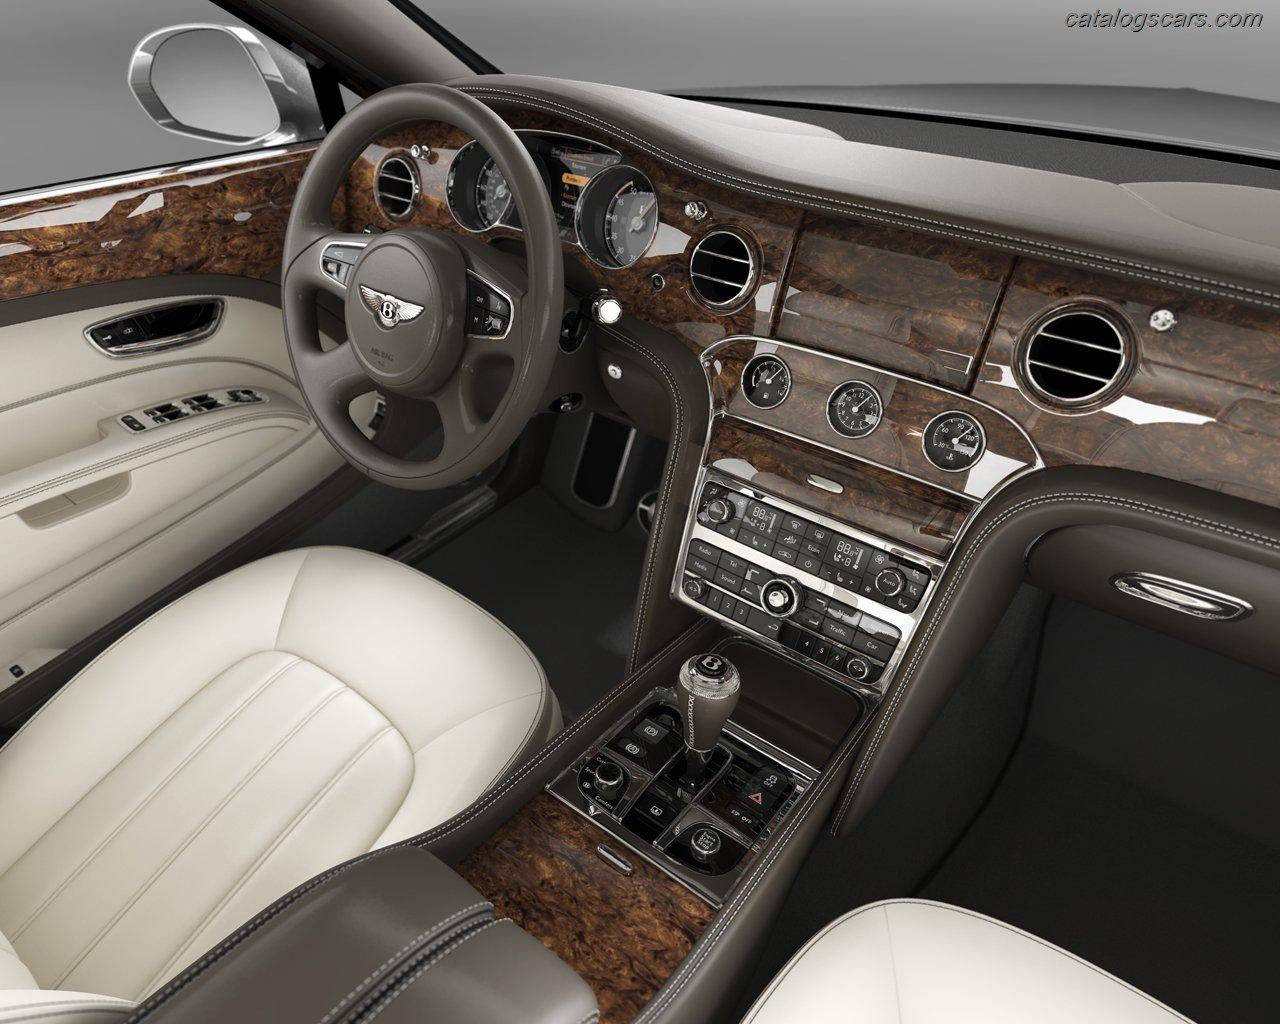 صور سيارة بنتلى مولسان 2014 - اجمل خلفيات صور عربية بنتلى مولسان 2014 - Bentley Mulsanne Photos Bentley-Mulsanne-2011-16.jpg